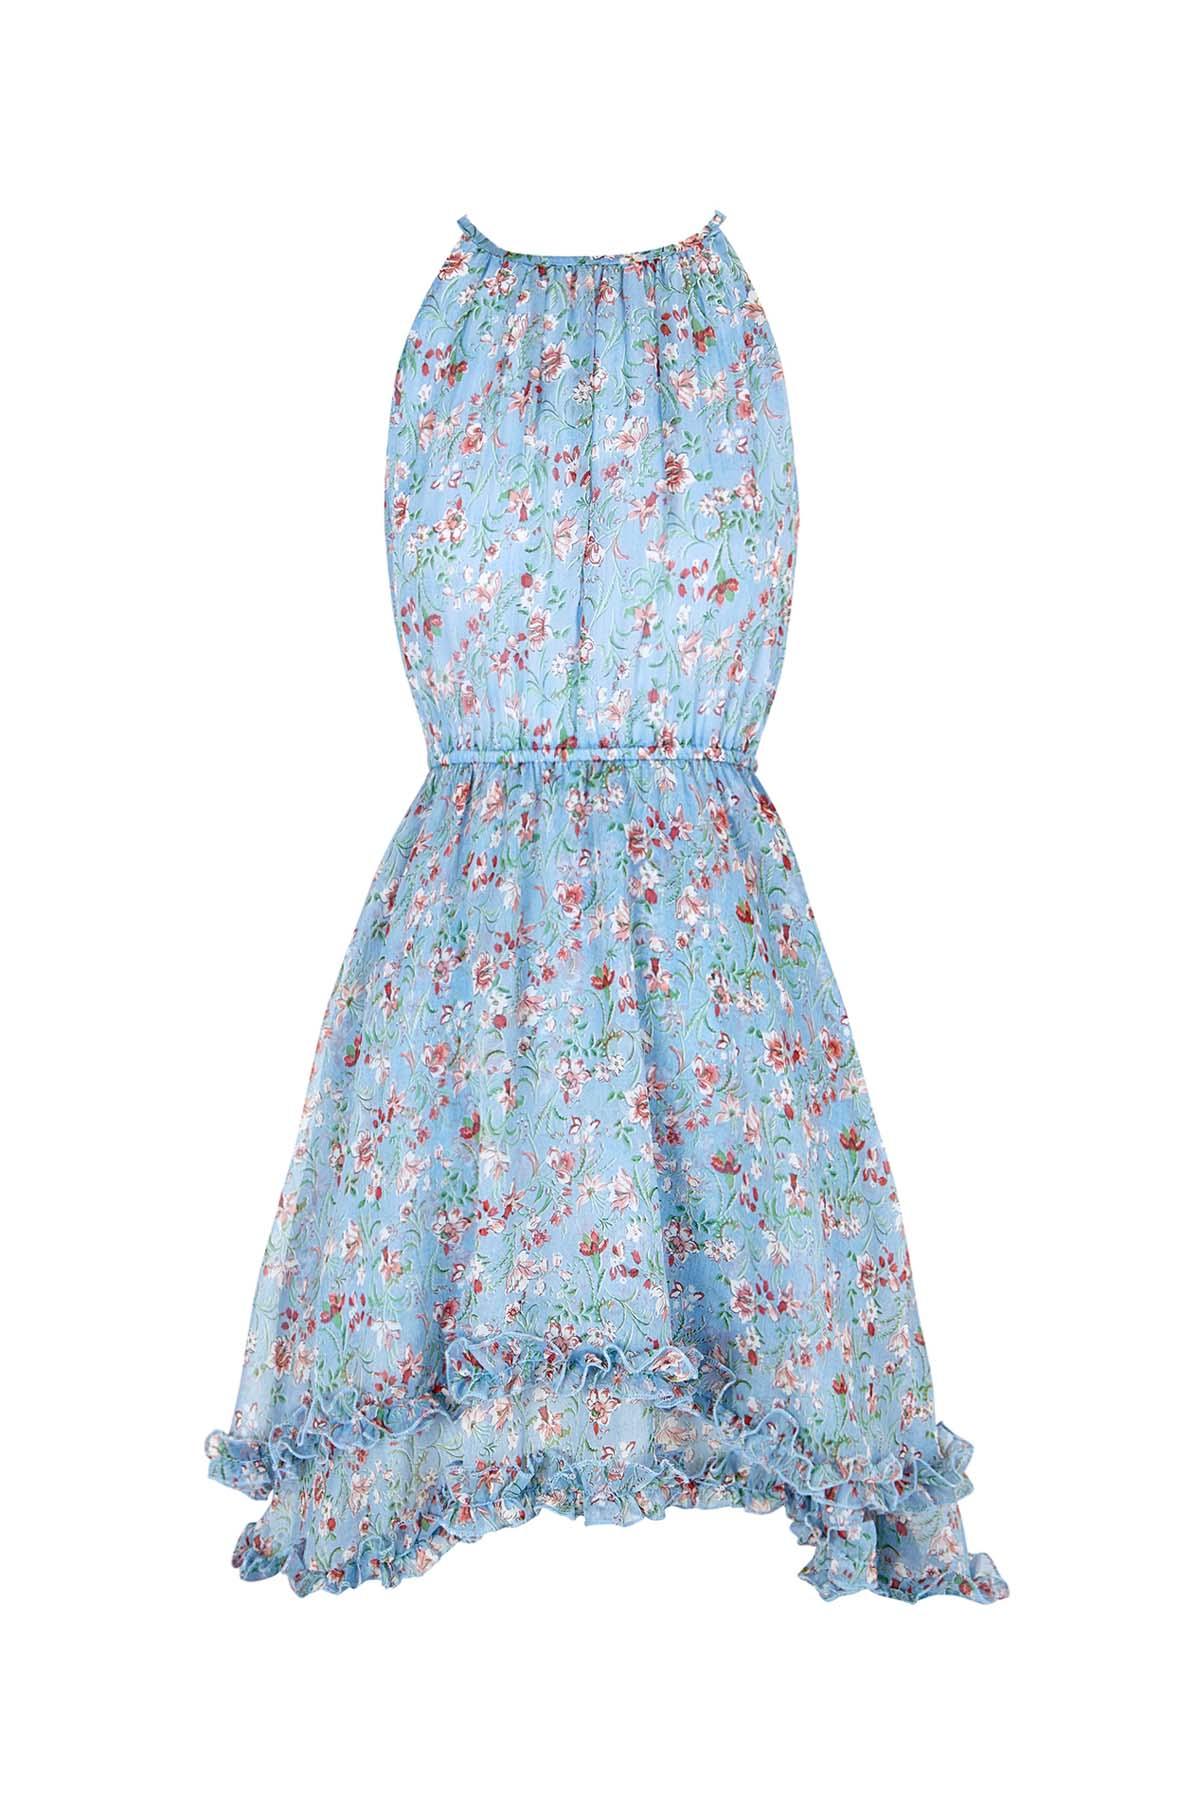 Teria Yabar - Vestido azul asimétrico